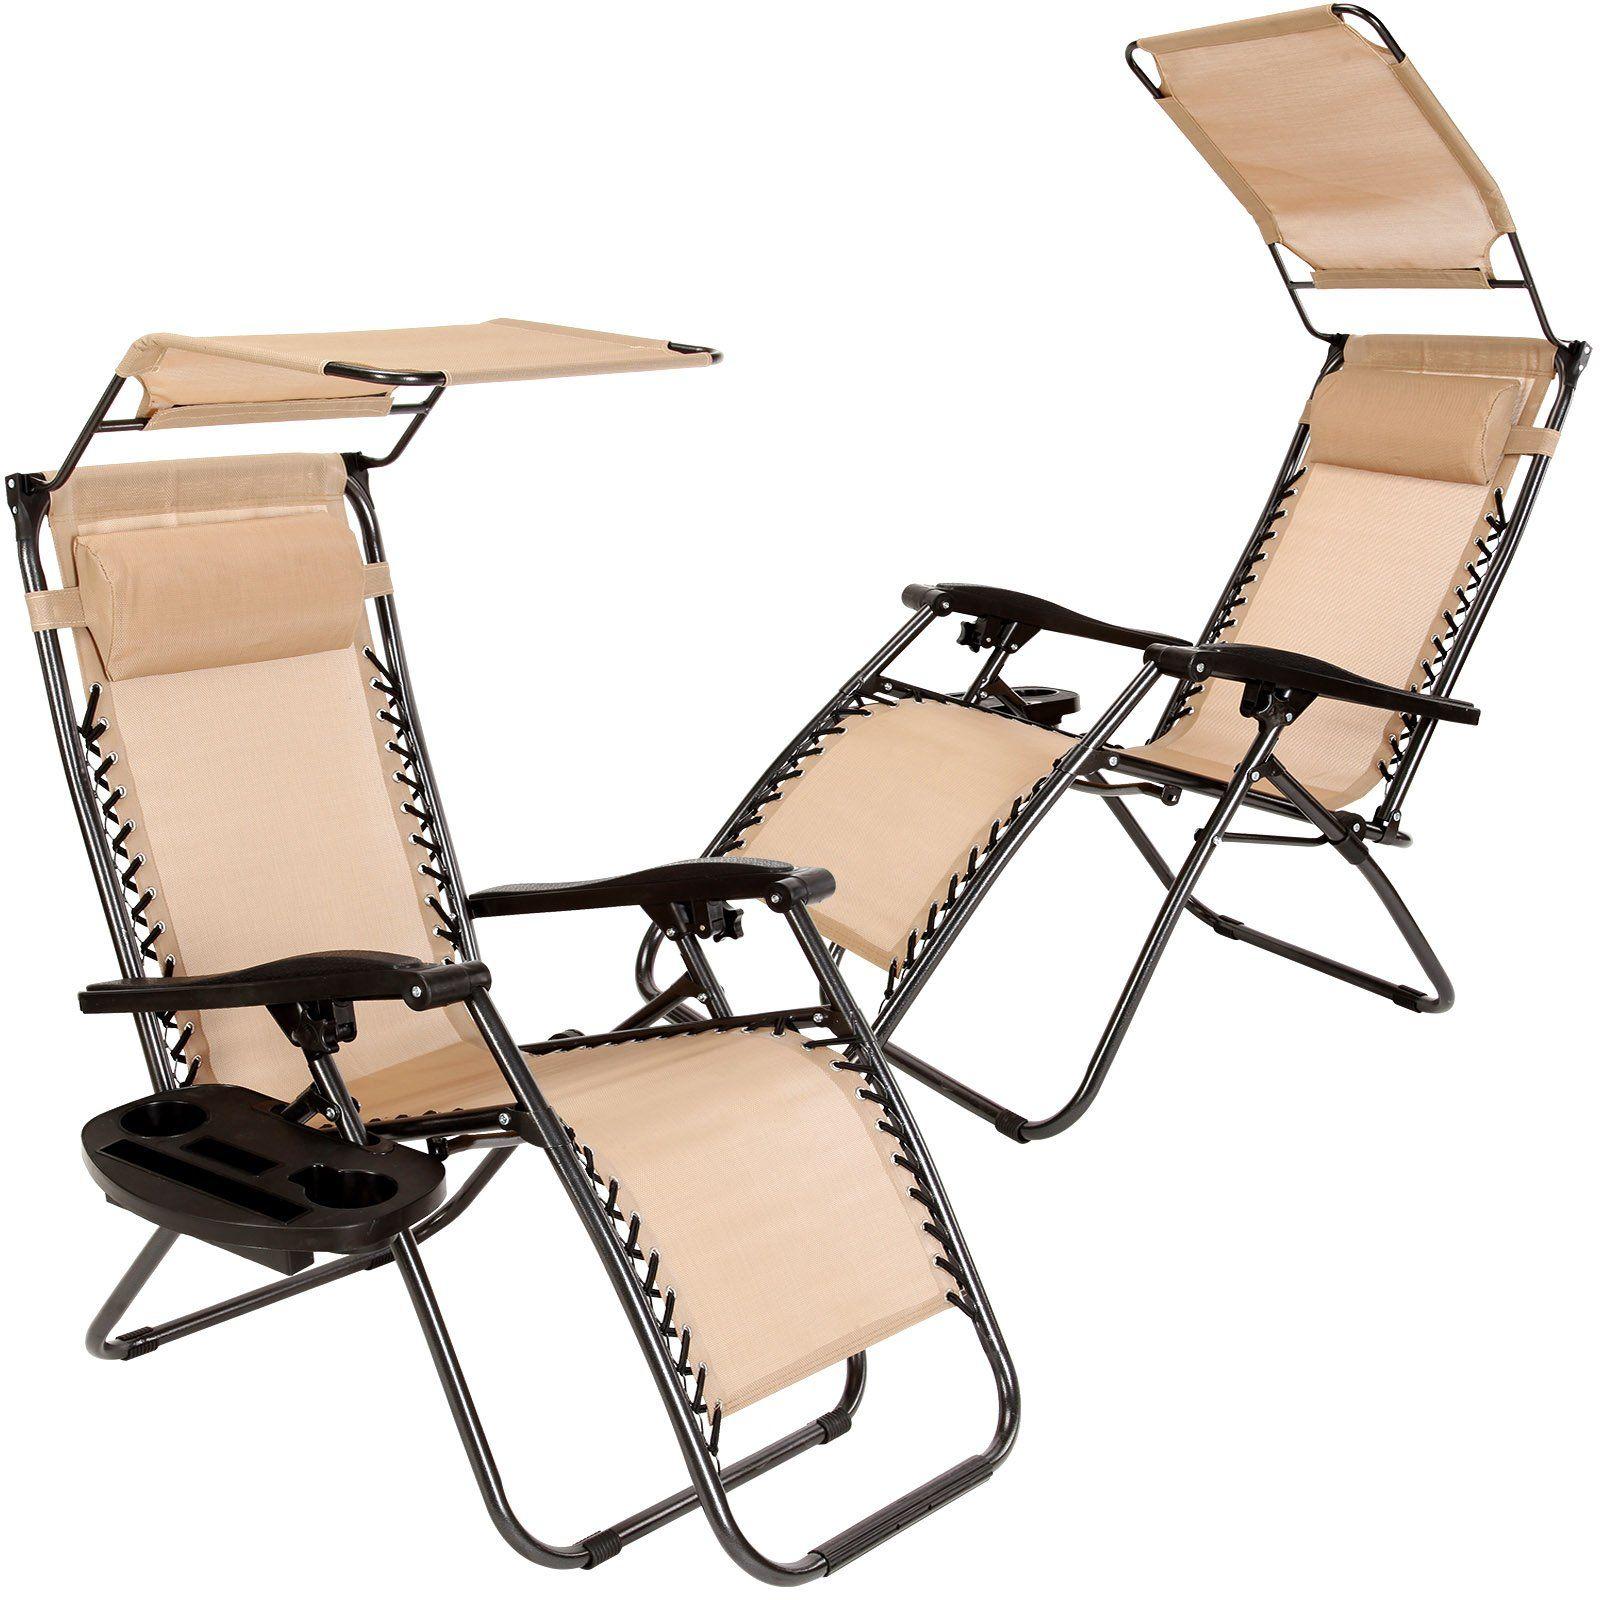 Set of 2 Zero Gravity Outdoor Lounge Chairs w/ Sunshade